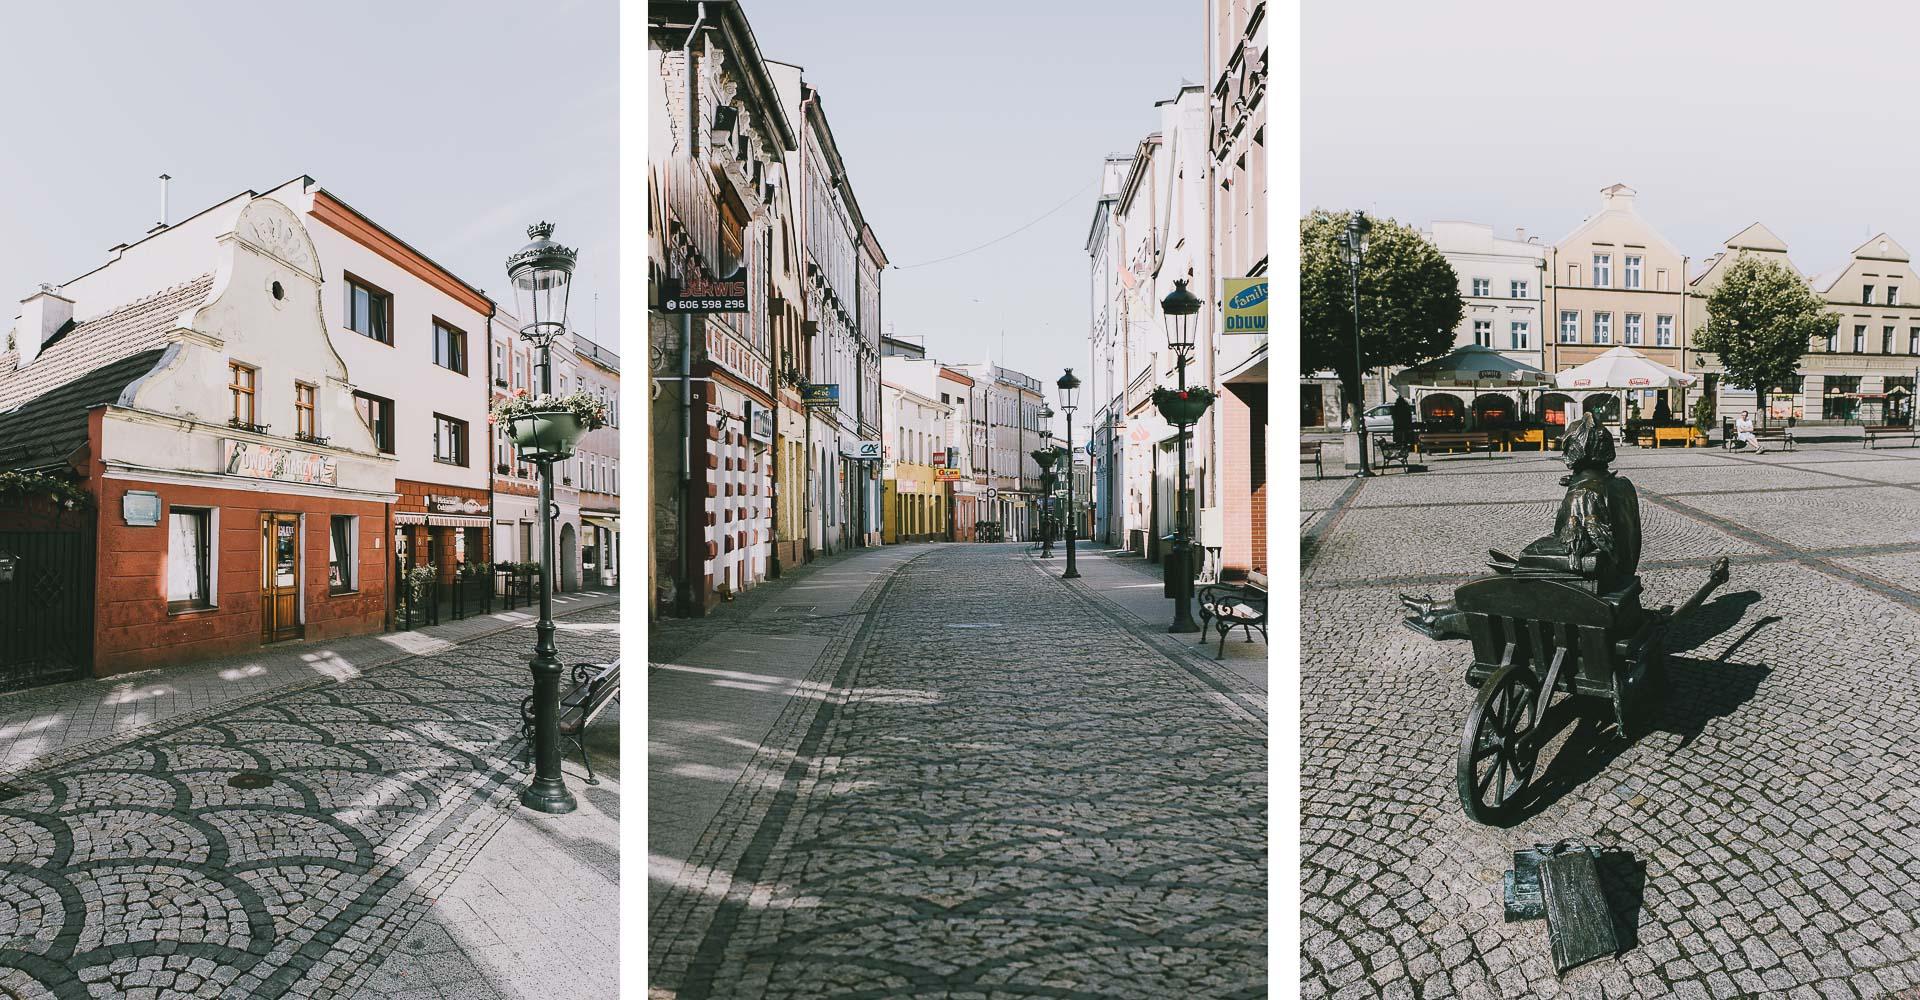 Stary Browar Kościerzyna nakaszubach - uliczki Kościerzyny